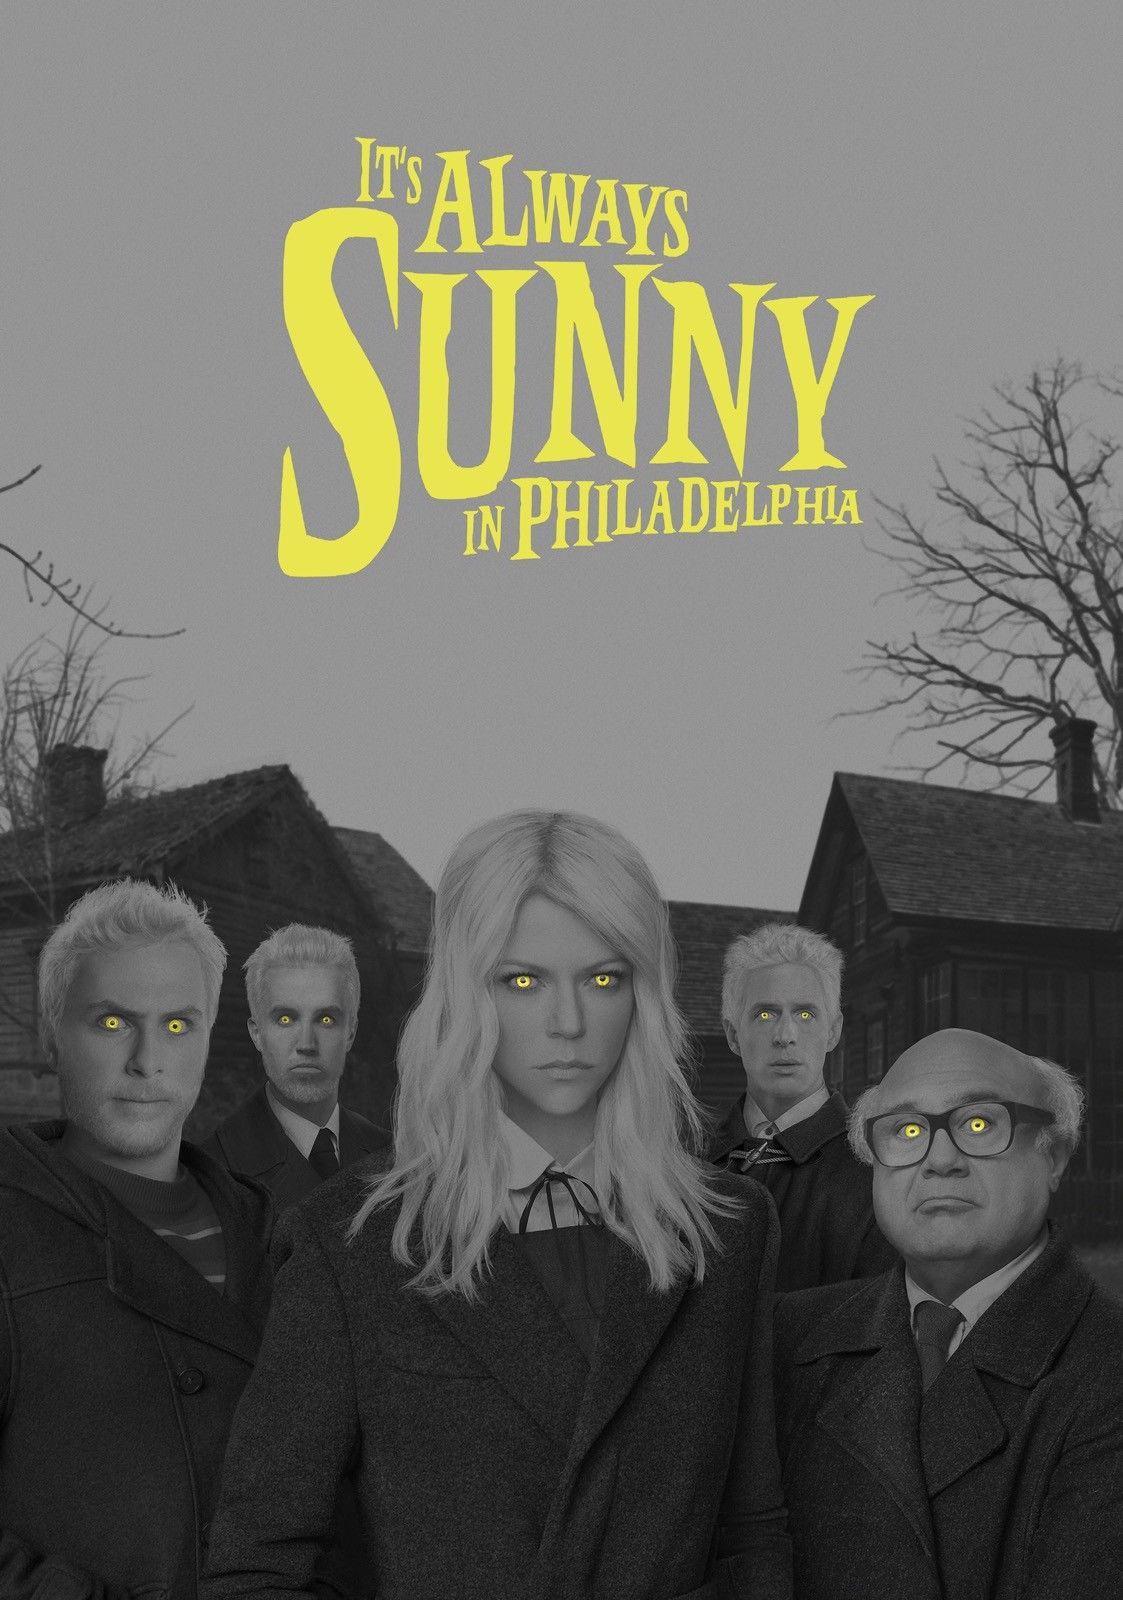 It S Always Sunny à Philadelphie Serie Tv Foto Stampa Affiche Serie Ghisa Art Affiche en Soie Affiche 24x36 pouces (60x90cm)